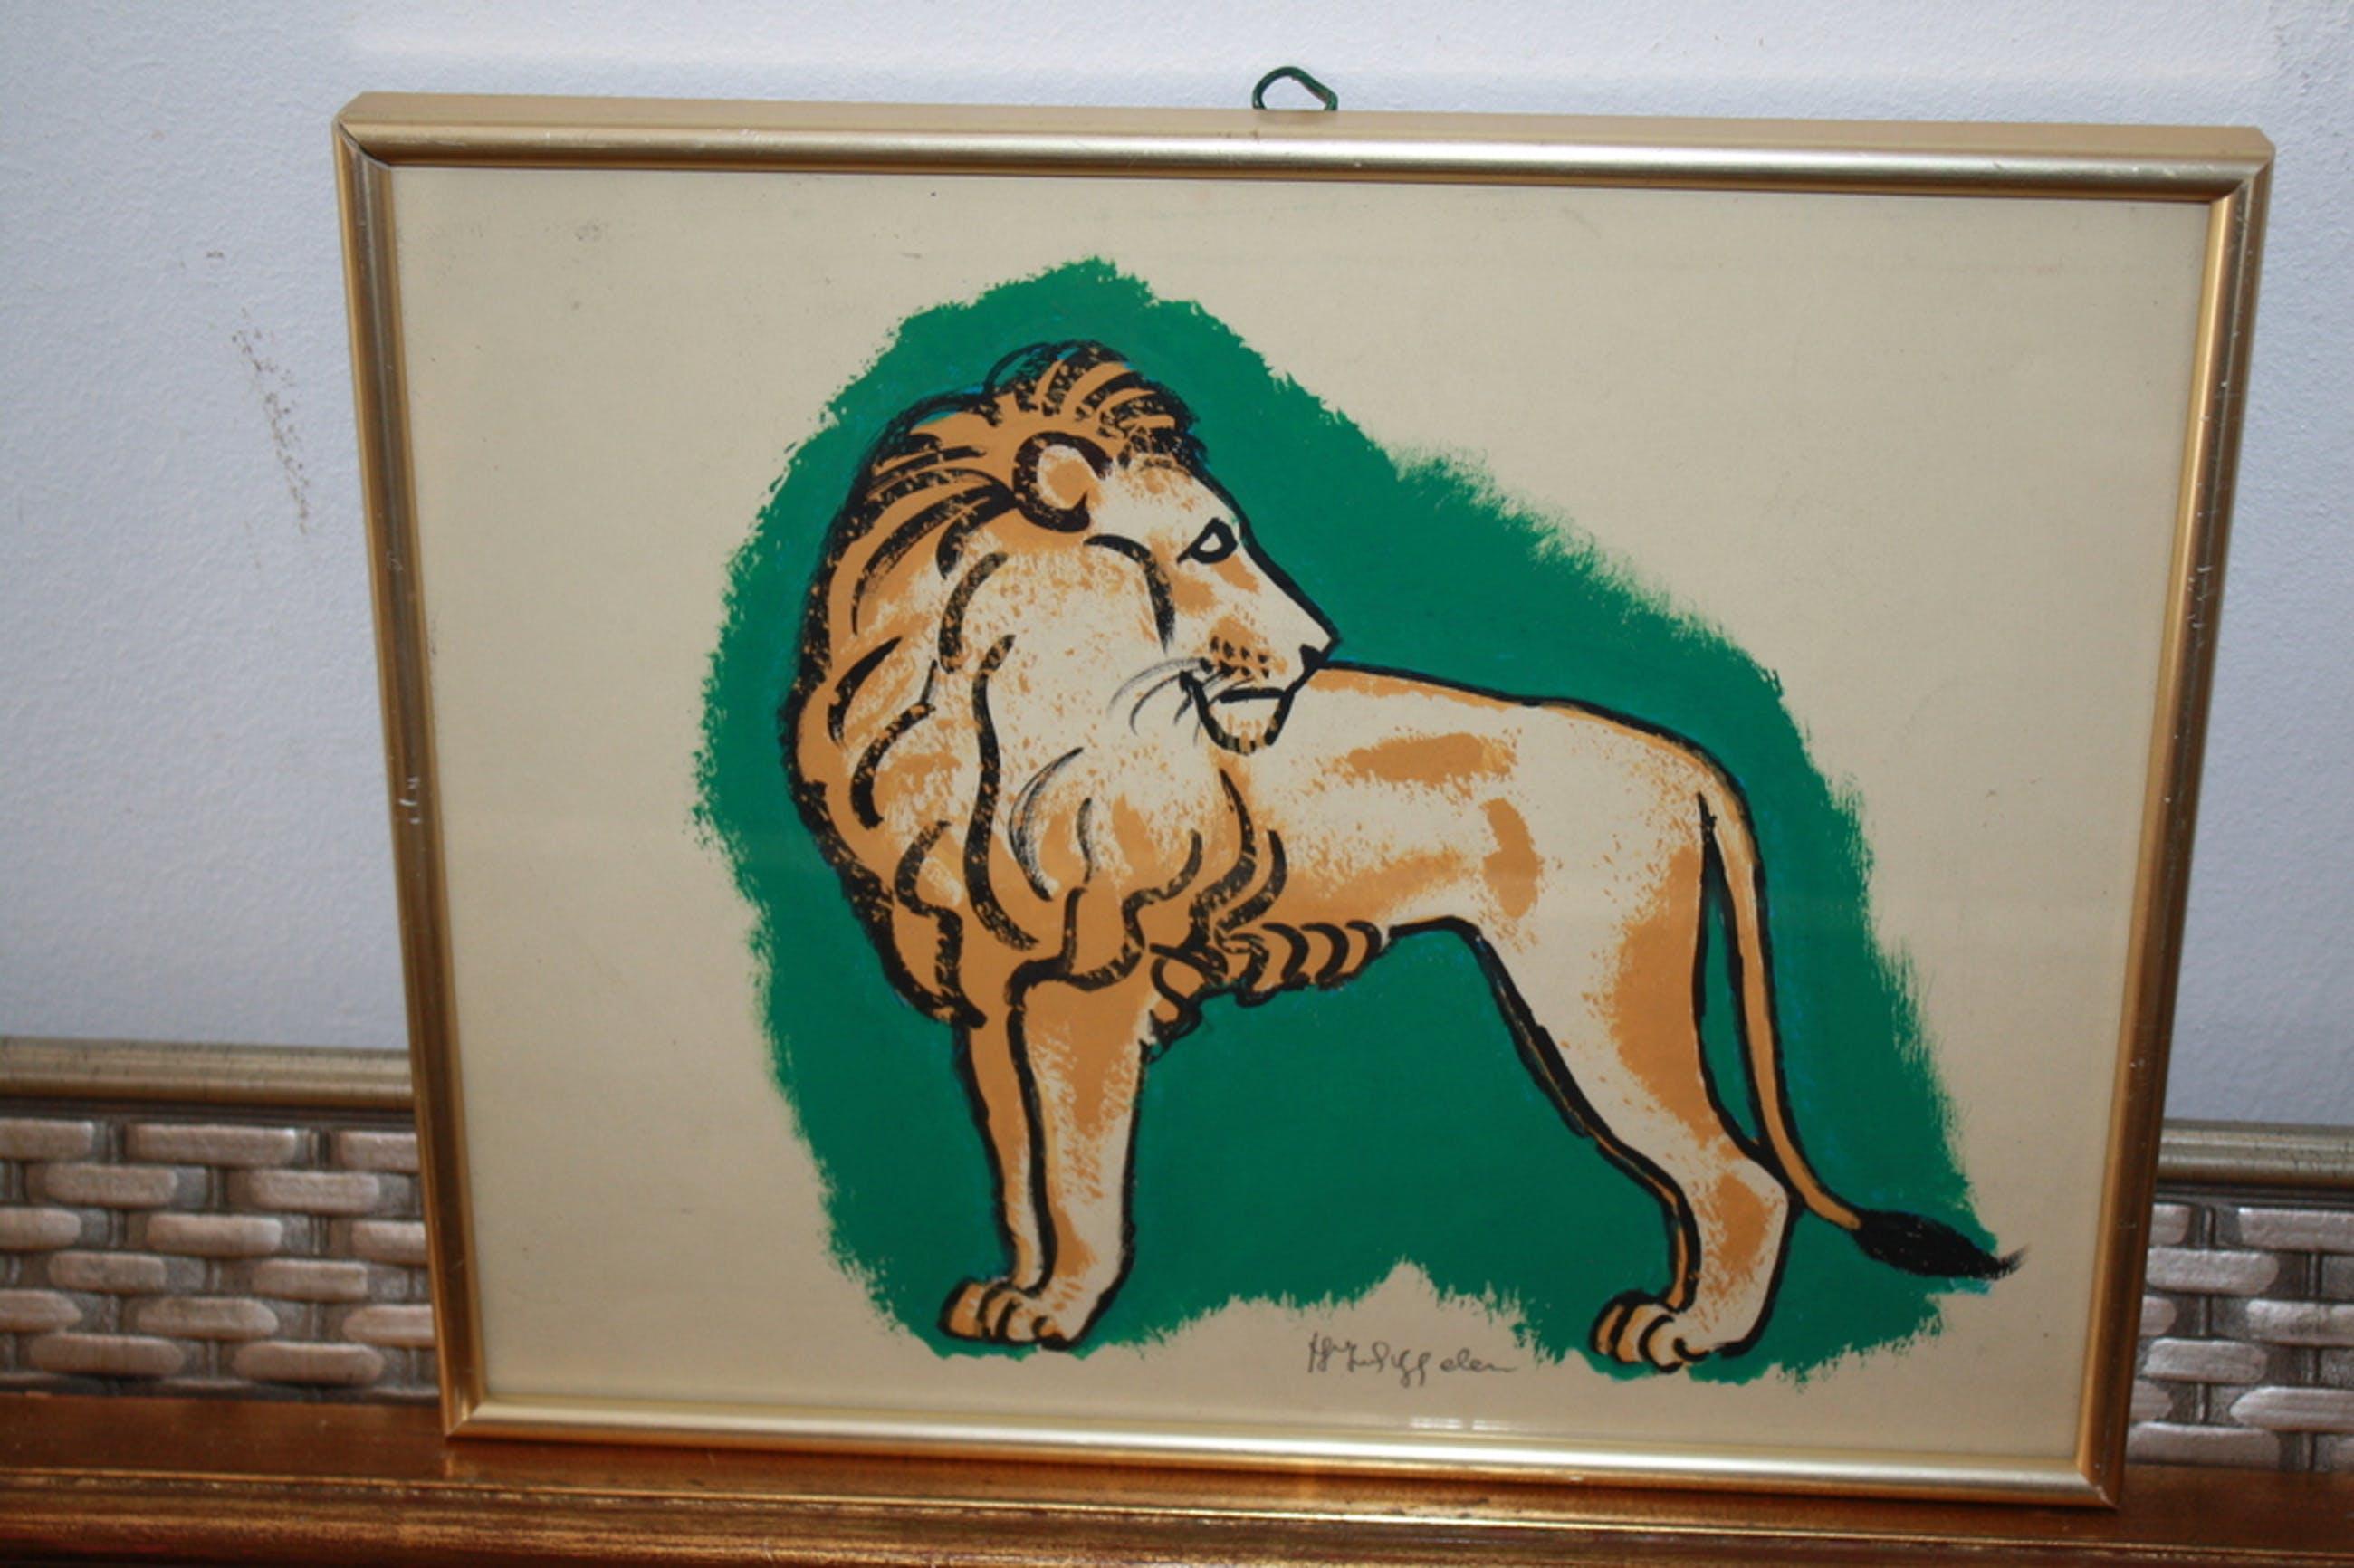 HJ van PIGGELEN 1889-1961 - LEEUW kopen? Bied vanaf 19!